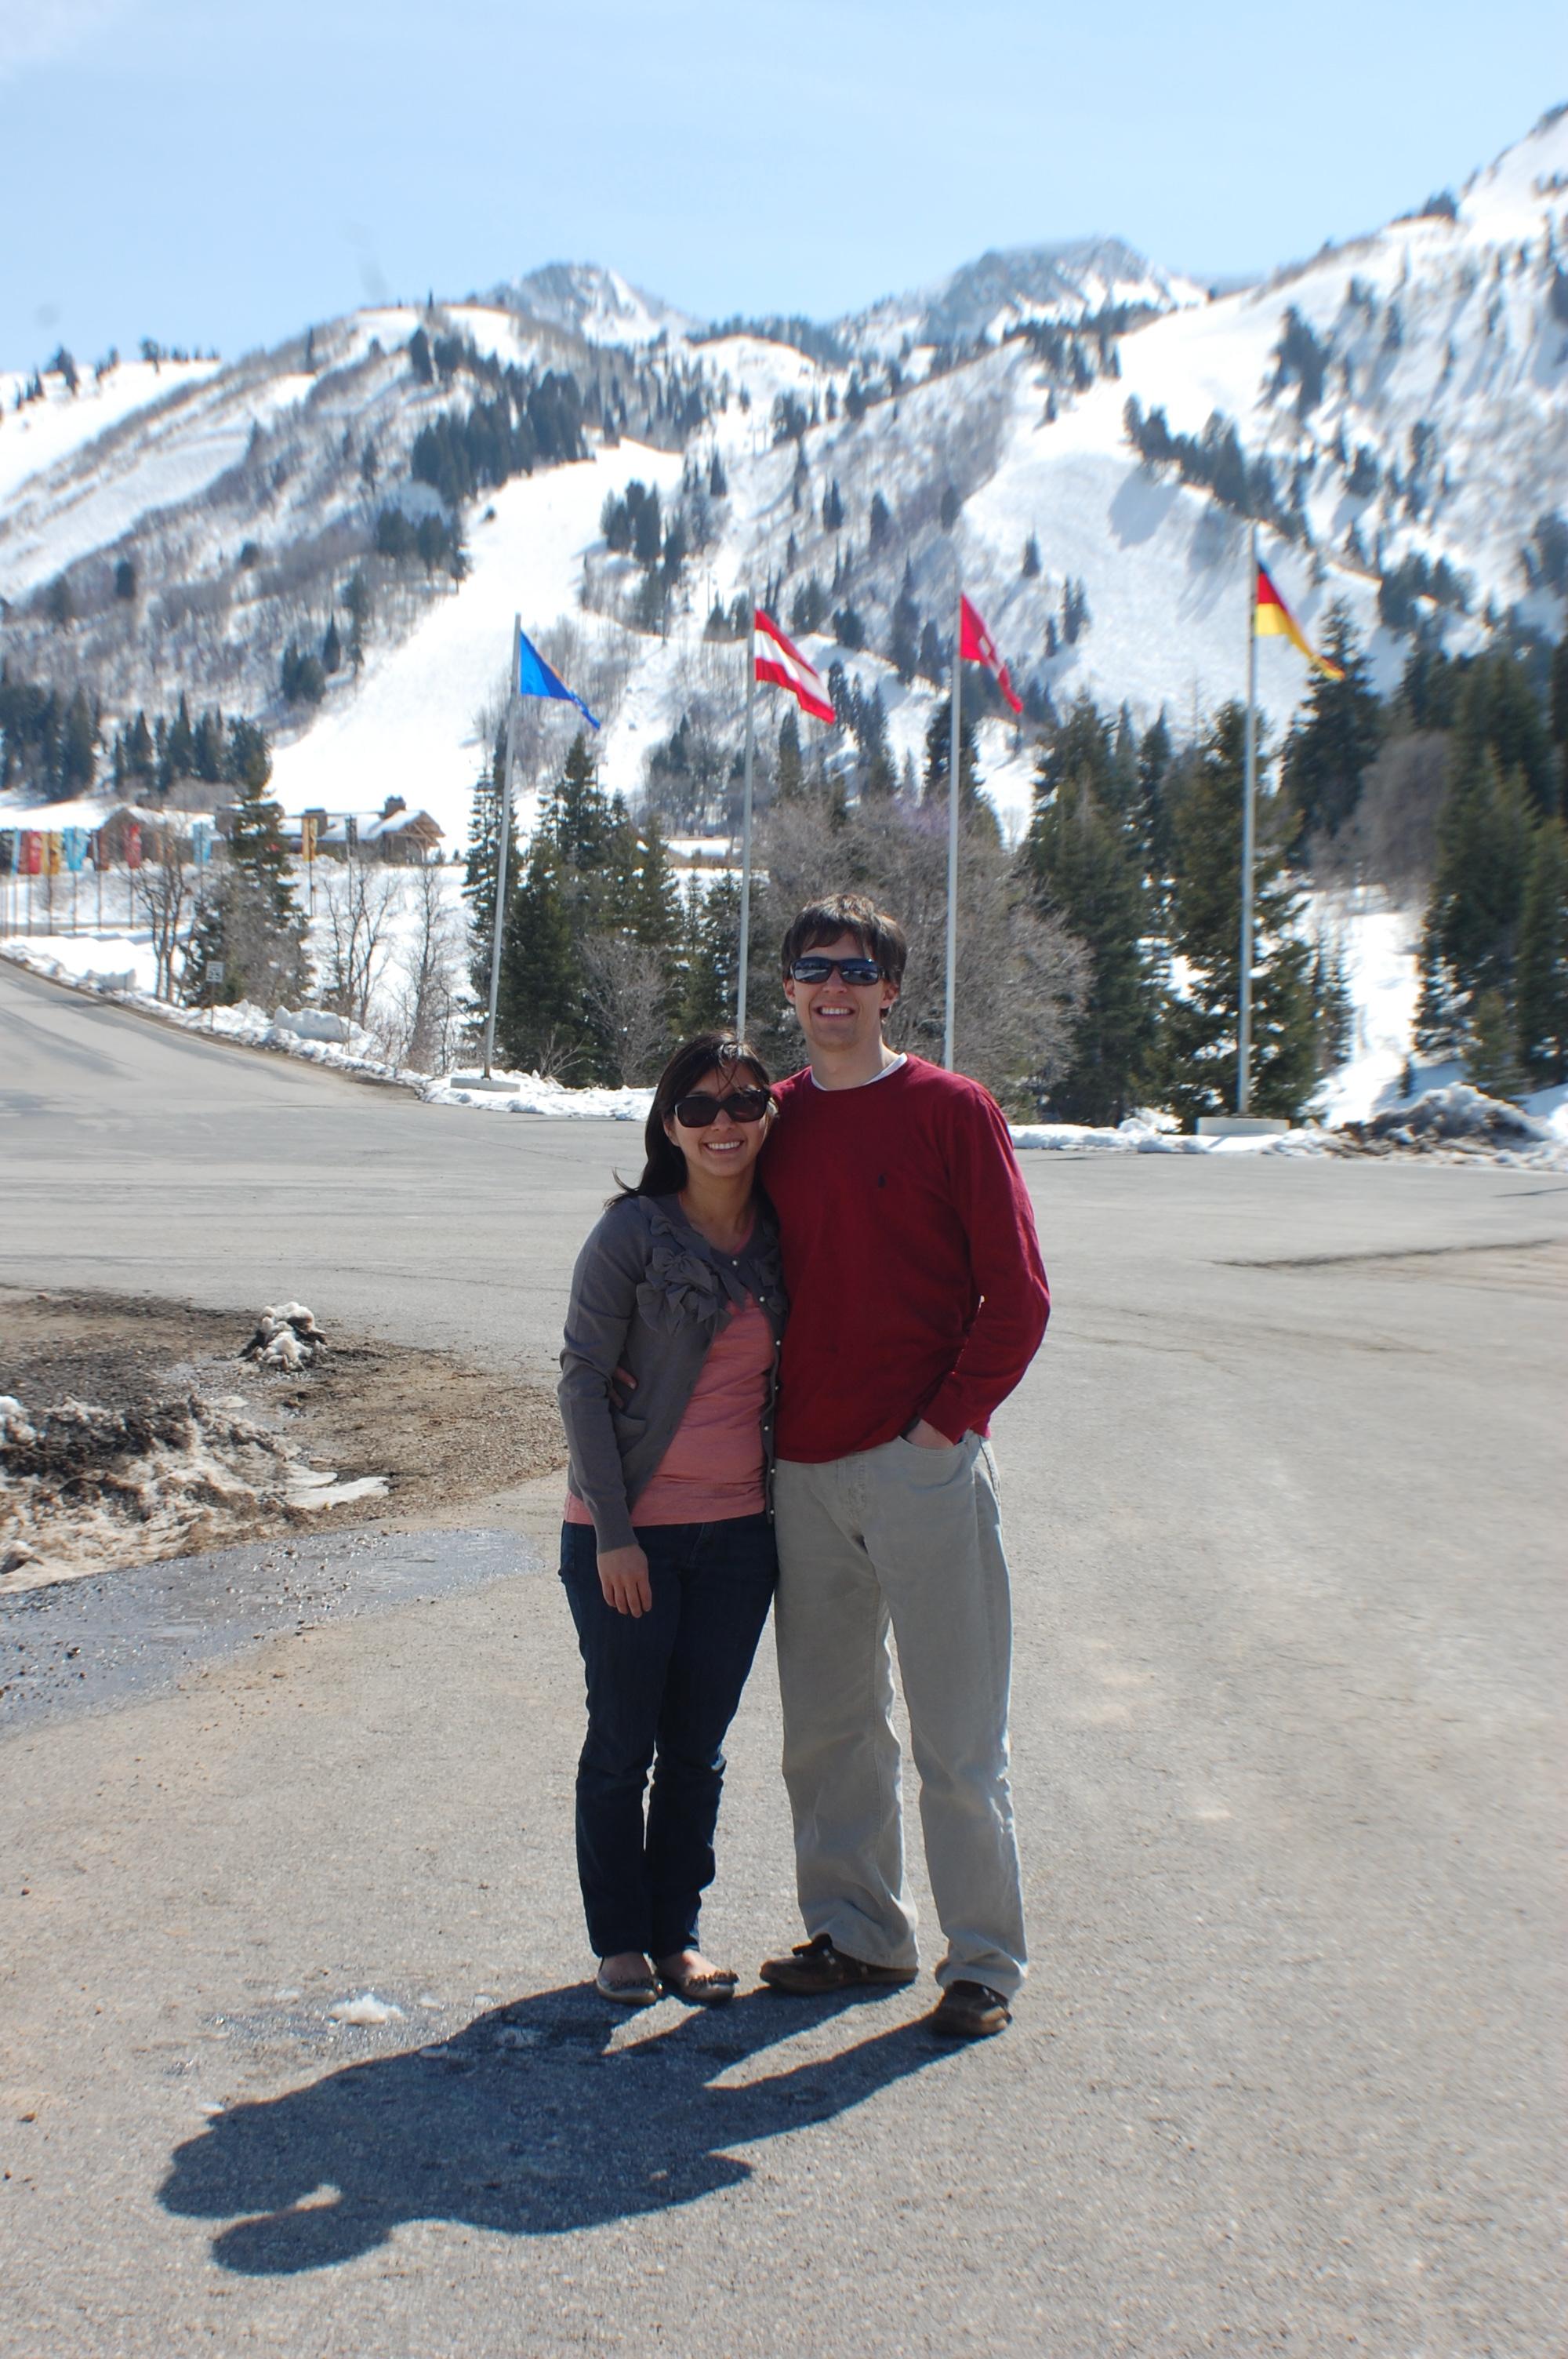 Brenda and Lorin at Snowbasin